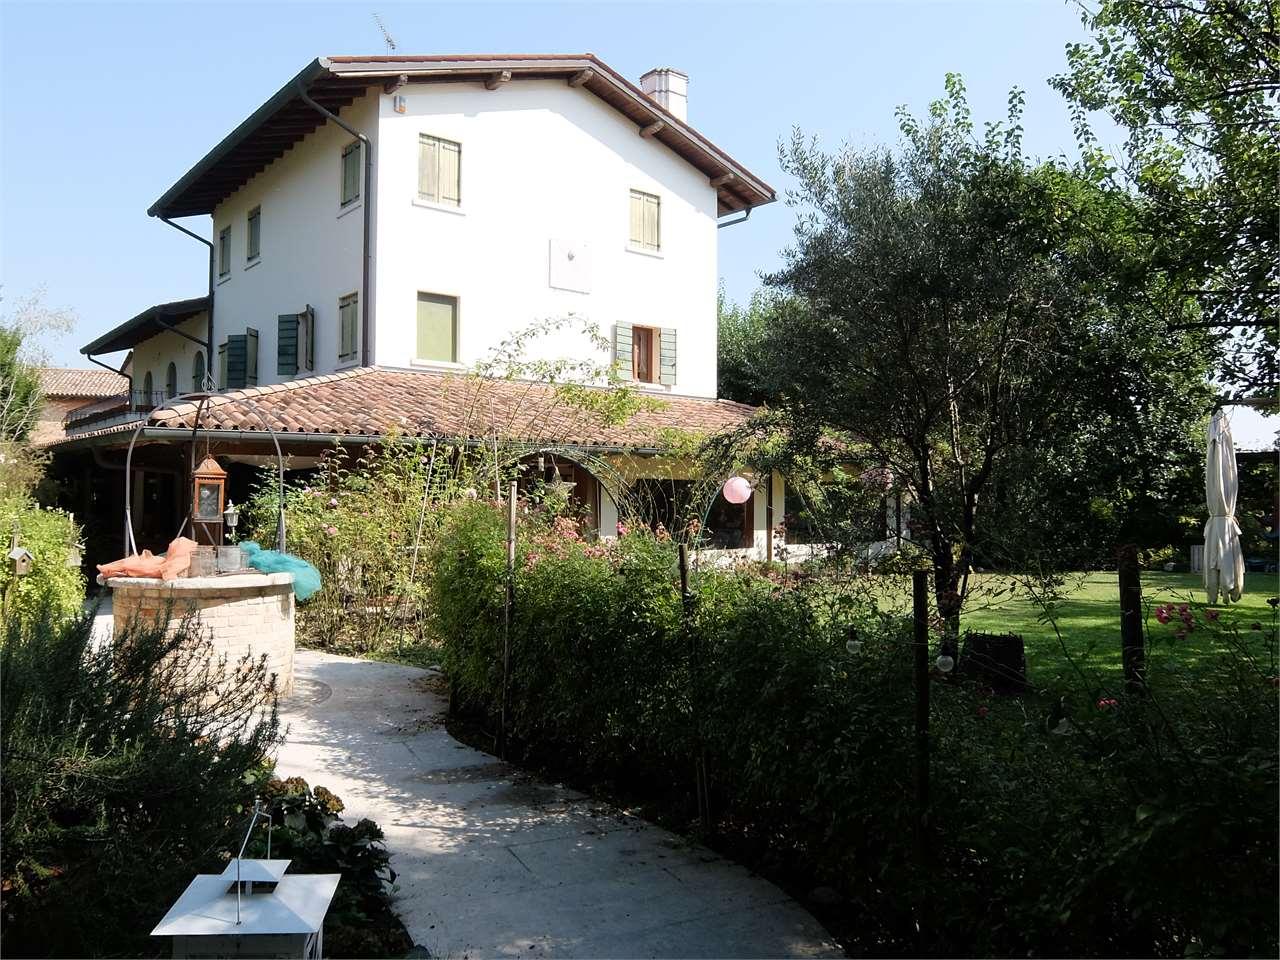 Rustico / Casale in vendita a Oderzo, 10 locali, Trattative riservate | Cambio Casa.it